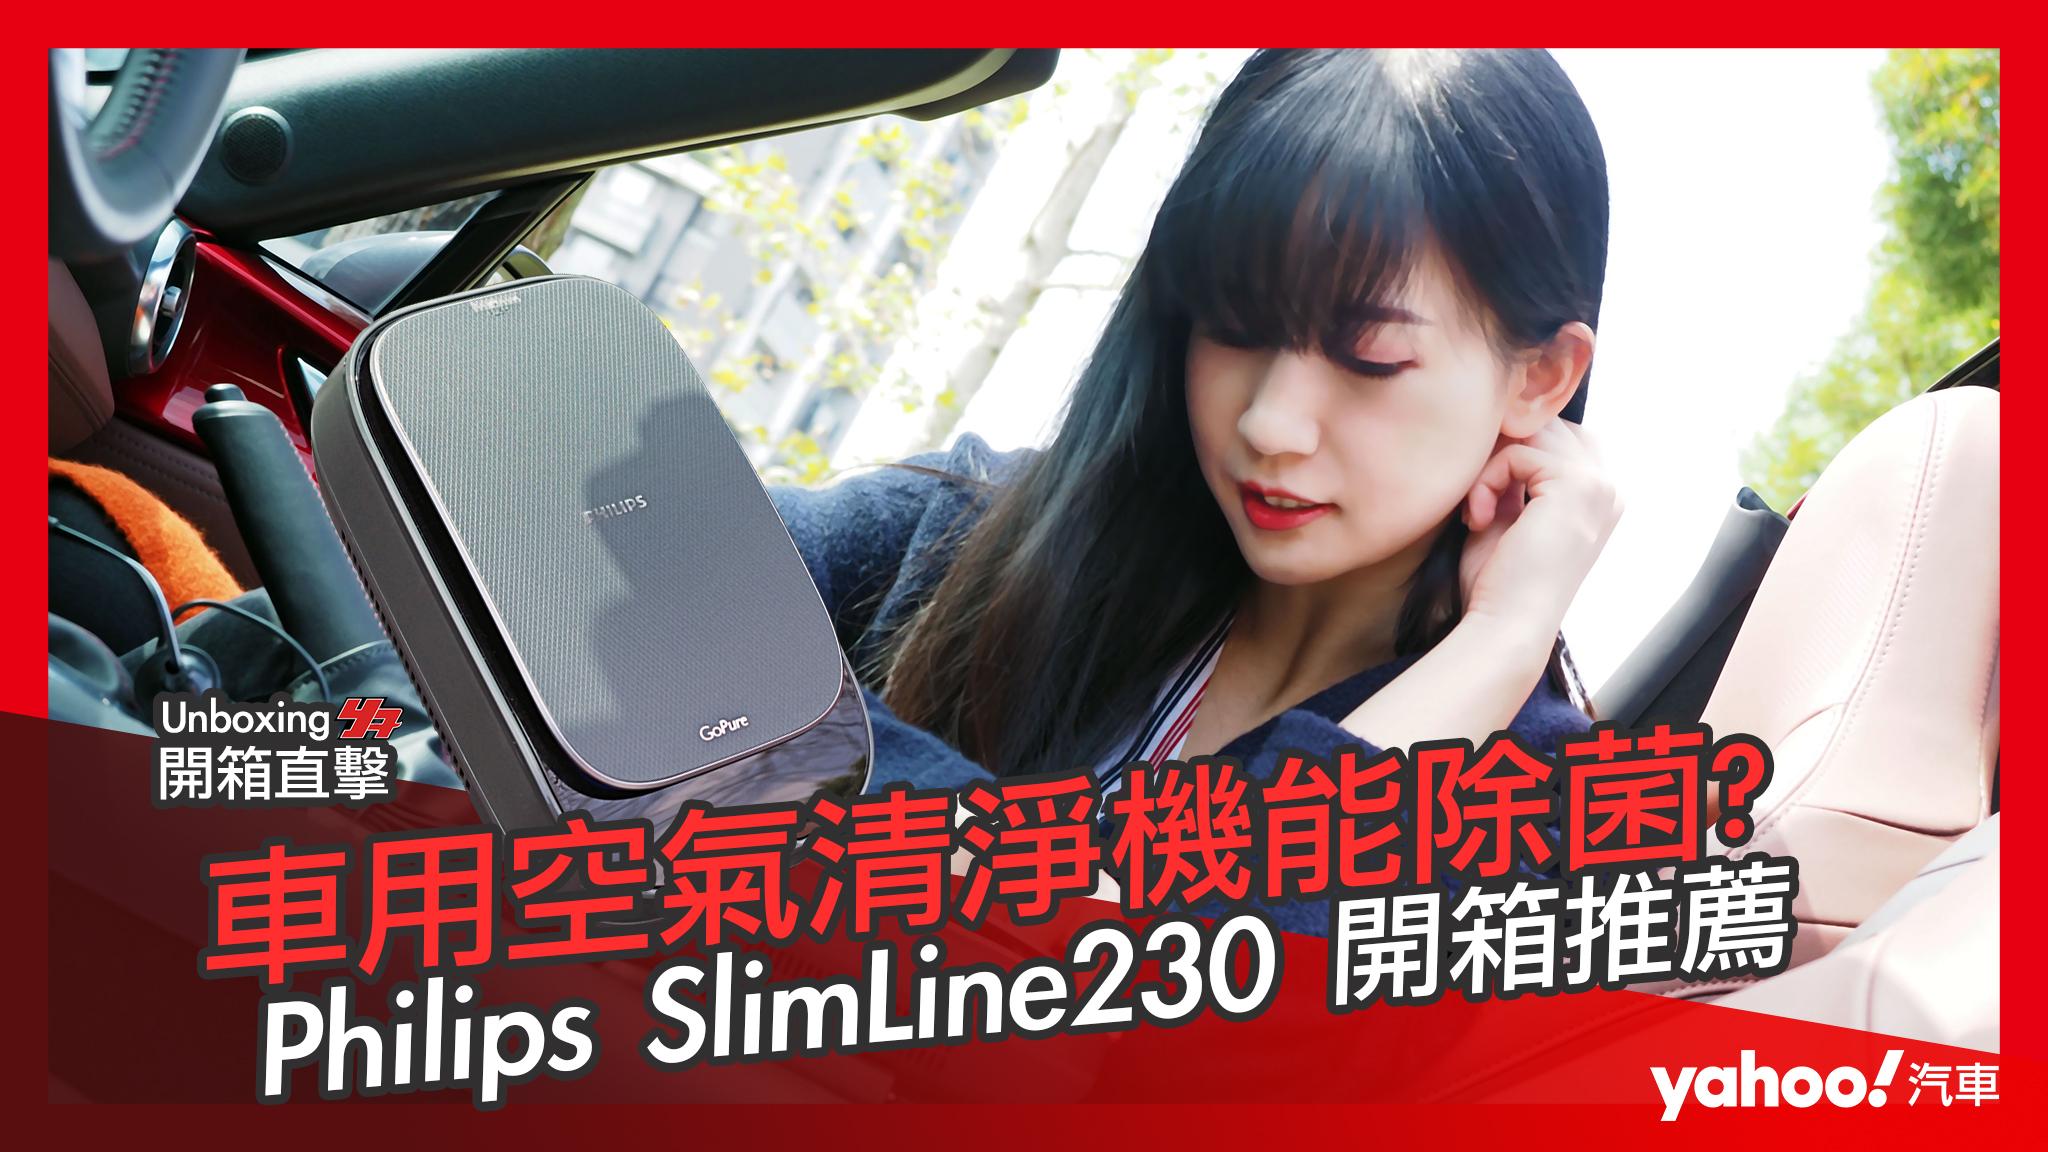 【開箱直擊】開車也要防病毒、過濾空氣靠這招!Philips飛利浦GoPure車用除菌空氣清淨機Slimline230開箱!